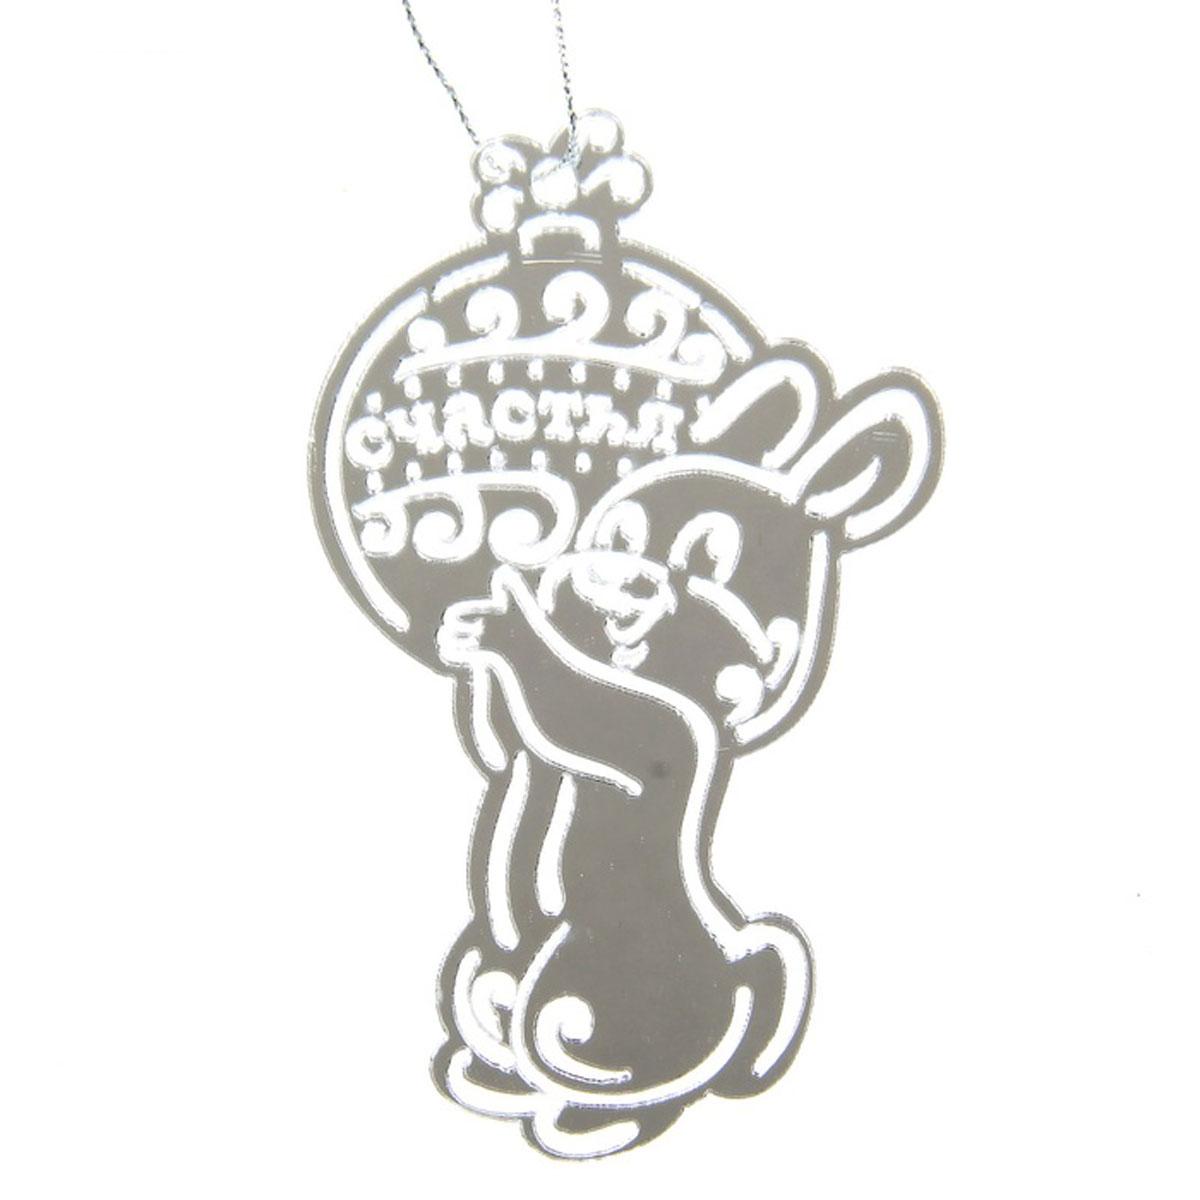 Новогоднее подвесное украшение Sima-land Счастья, 6,6 х 10 см1090575Подвесное украшение Sima-land Счастья, выполненное из акрила, прекрасно подойдет для праздничного декора вашей ели. Изделие оснащено зеркальной поверхностью и специальной текстильной петелькой, благодаря которой его можно повесить в любом понравившемся вам месте. Но удачнее всего такая игрушка будет смотреться на праздничной елке. Елочная игрушка - символ Нового года и Рождества. Она несет в себе волшебство и красоту праздника. Создайте в своем доме атмосферу веселья и радости, украшая новогоднюю елку нарядными игрушками, которые будут из года в год накапливать теплоту воспоминаний.